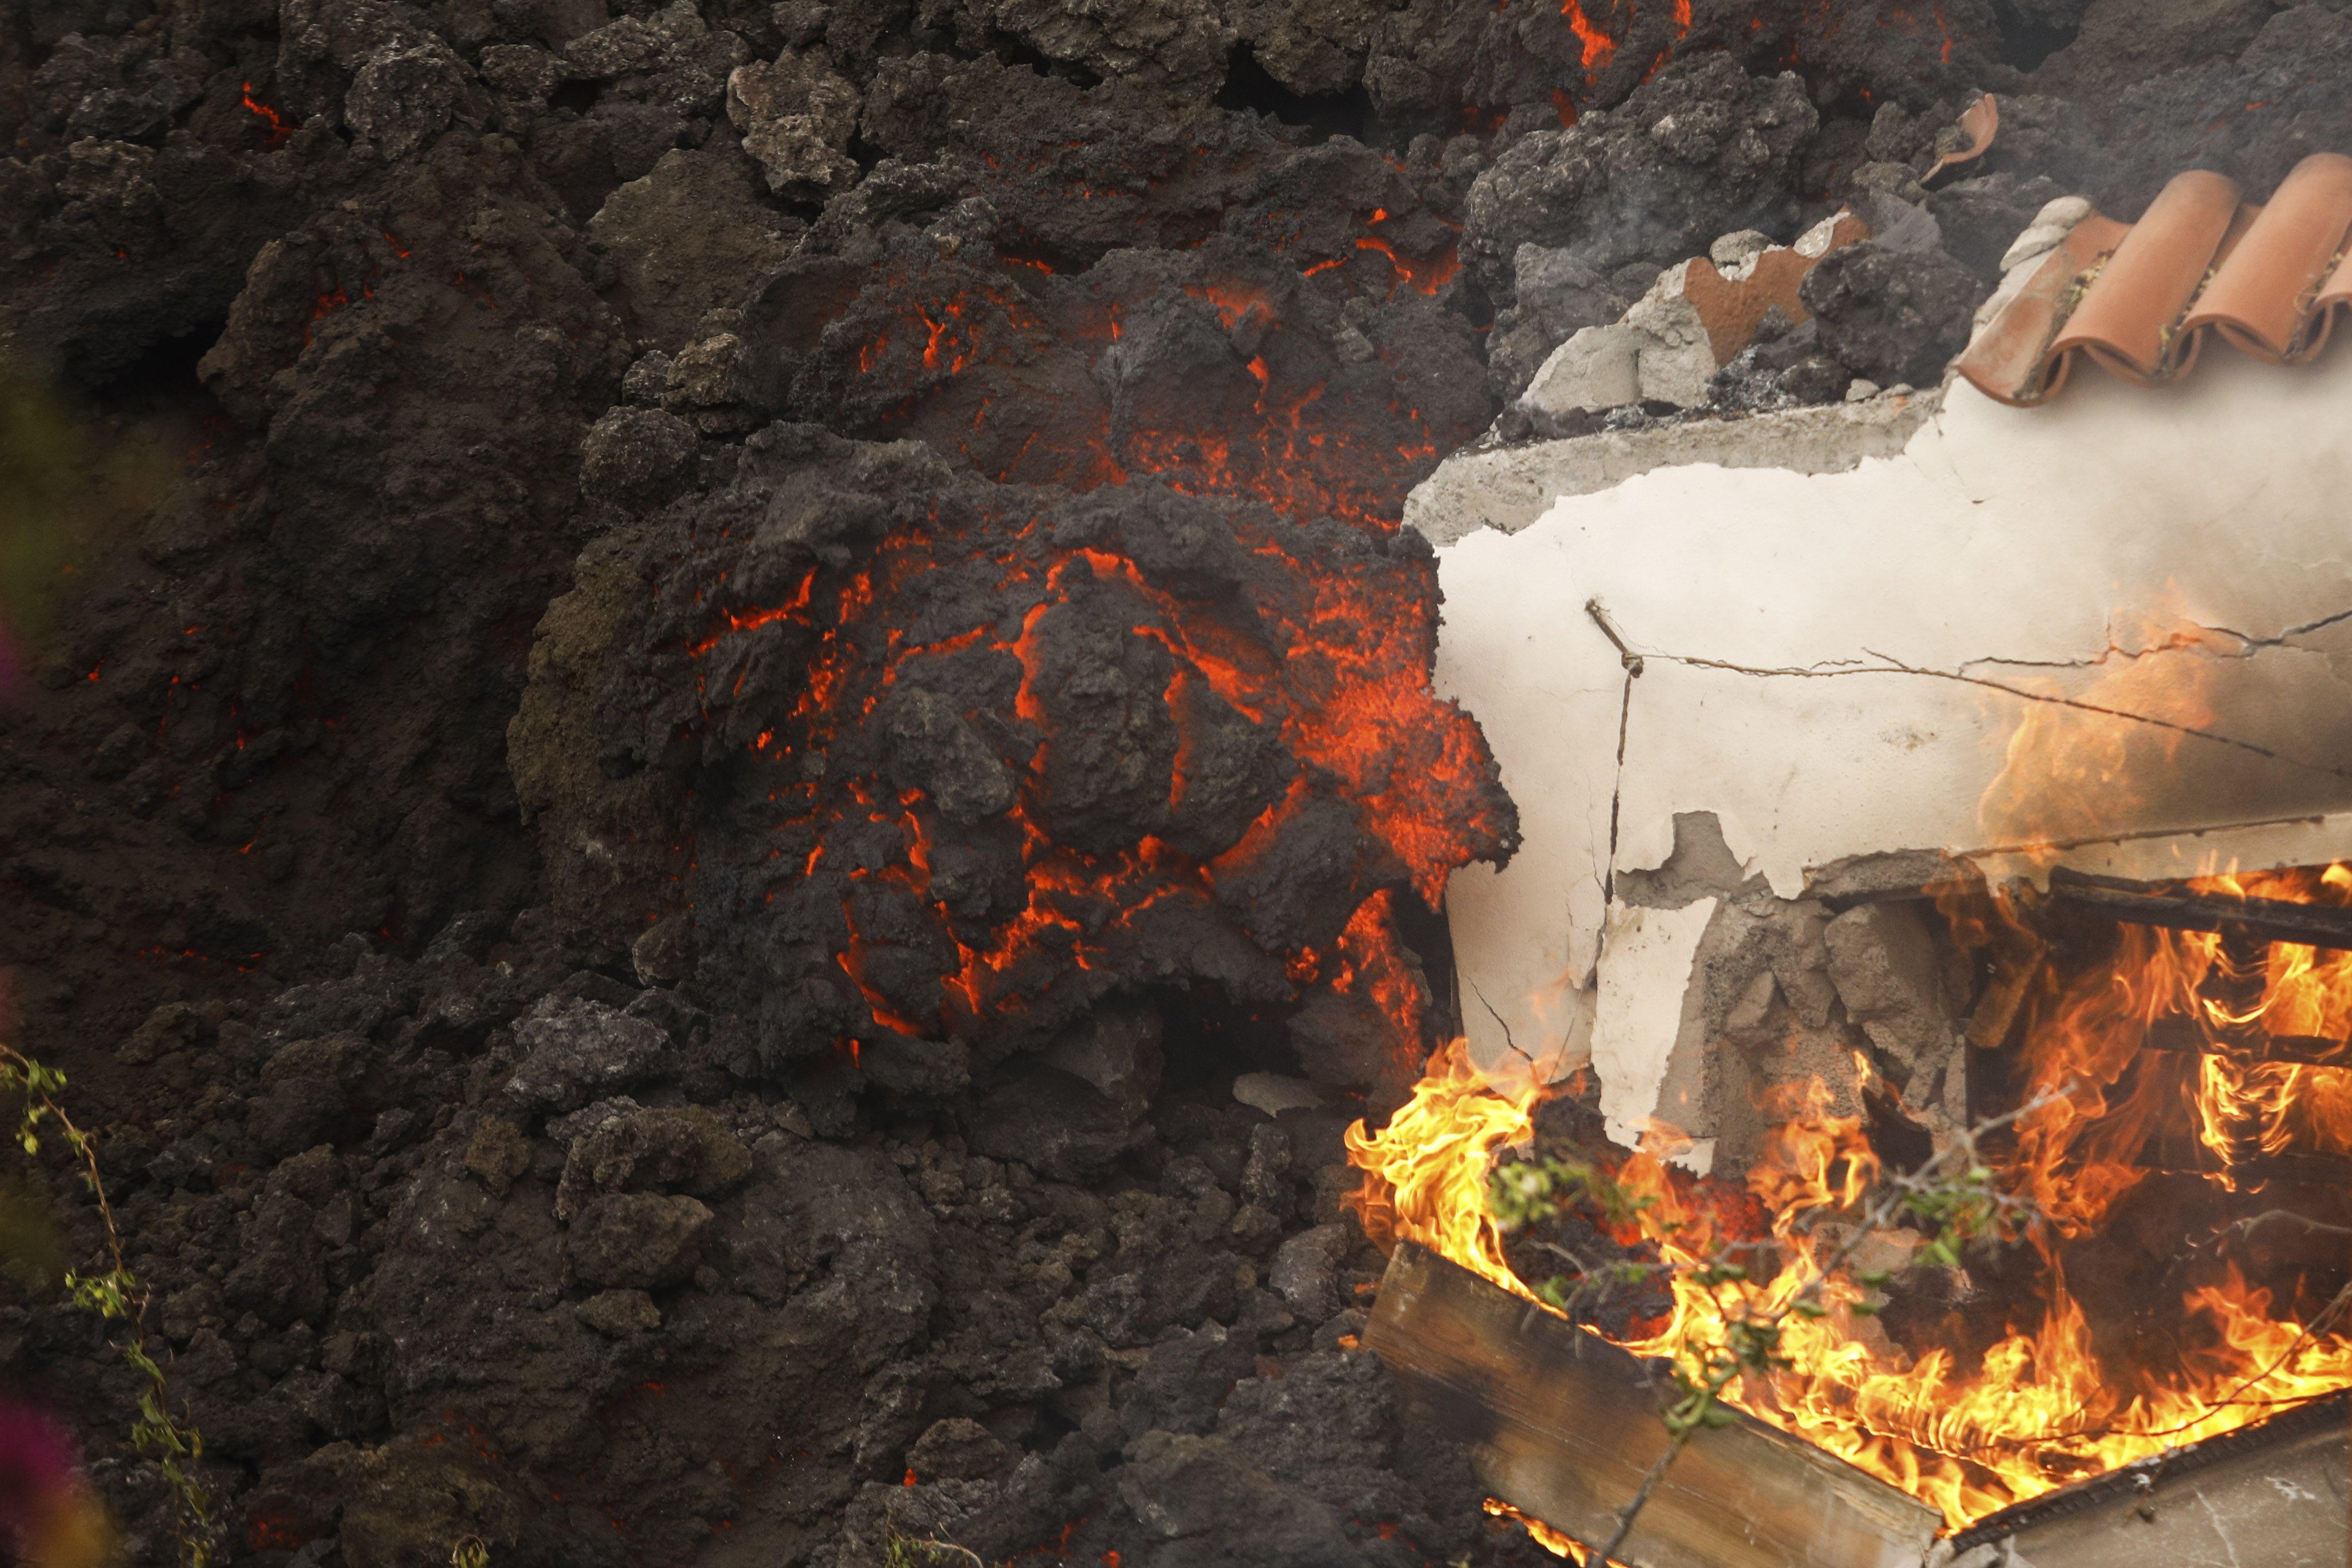 erupcion volcanica en isla de espana atrae a turistas